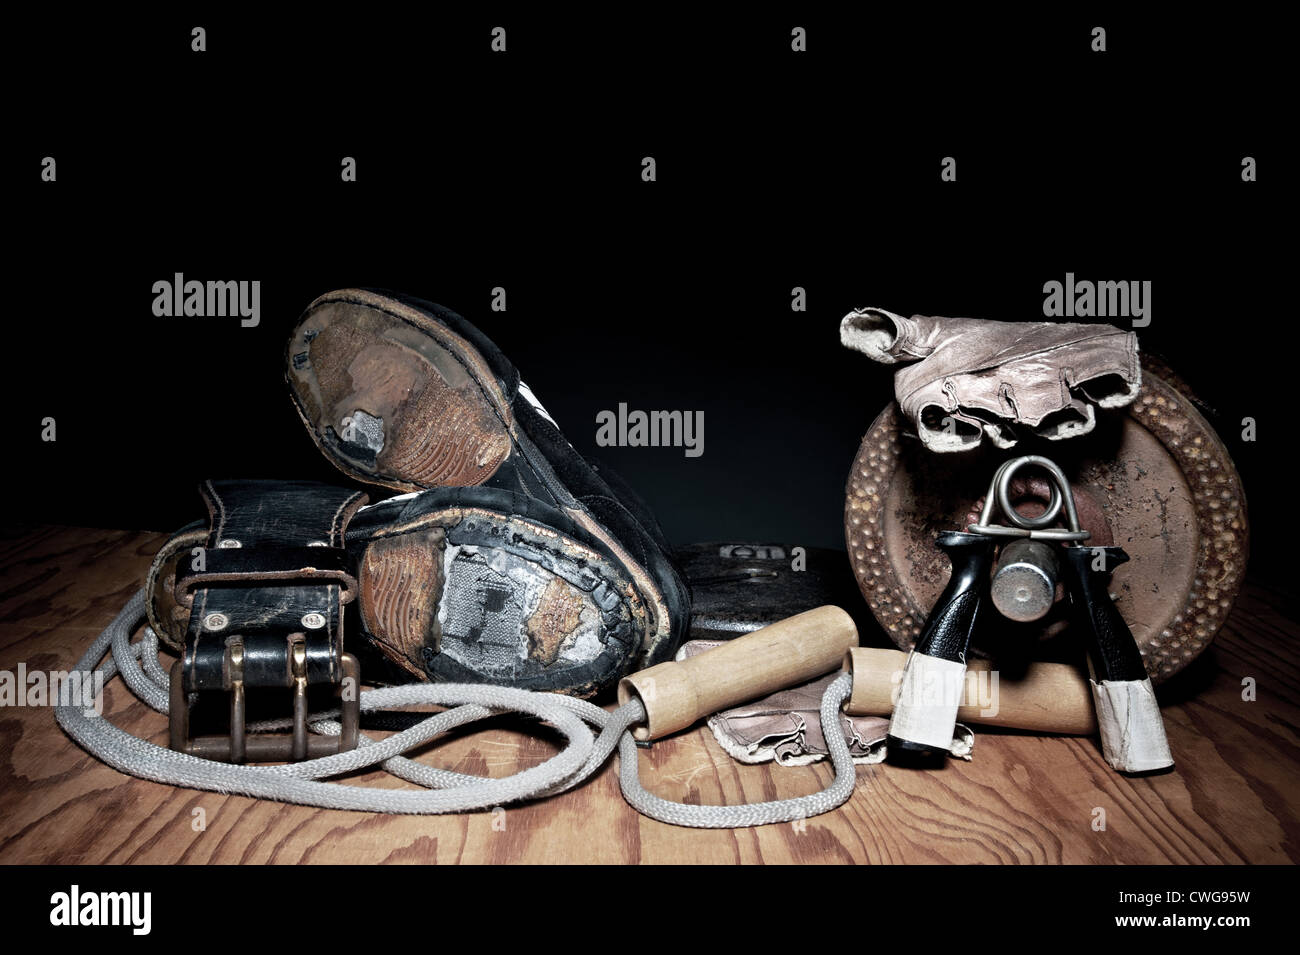 Un ensemble d'utilisé, descendre l'équipement d'exercice, y compris les poignées, une Photo Stock